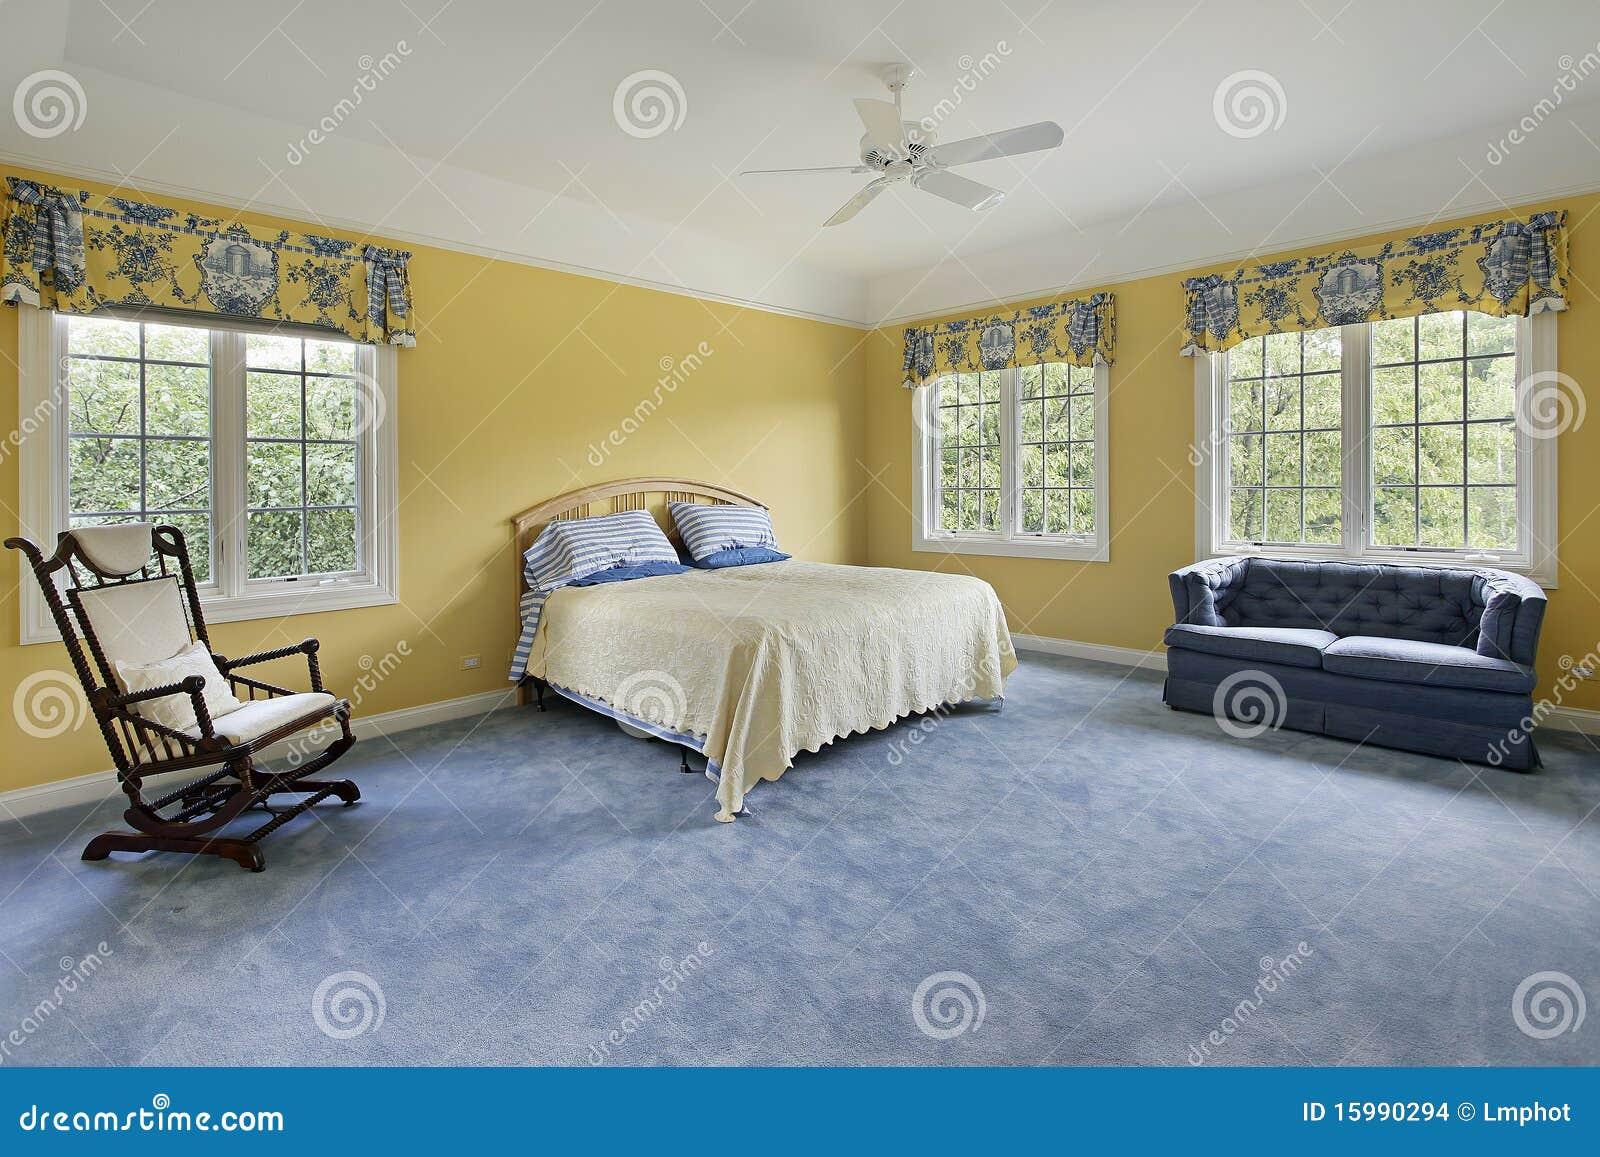 Camera da letto con le pareti gialle fotografia stock - Decorazione pareti camera da letto ...